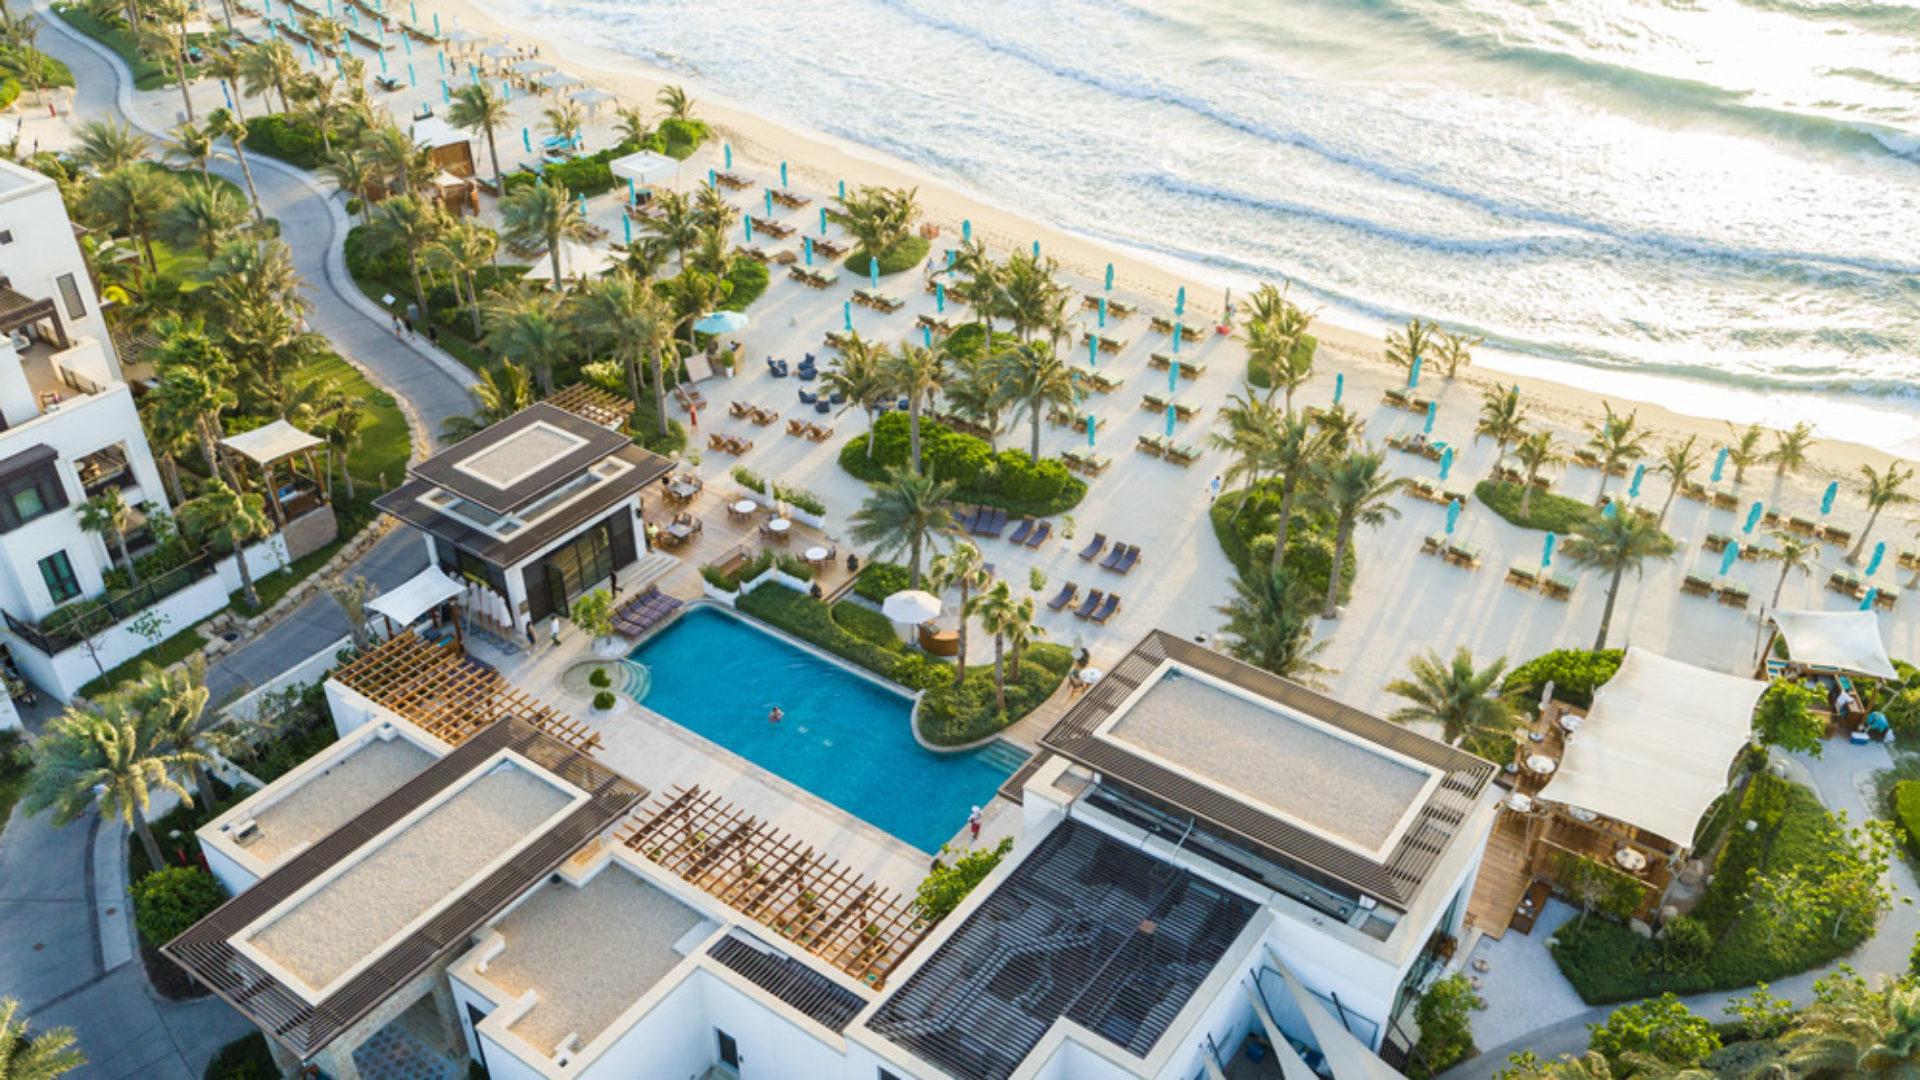 Summersalt-Beach Club Aerial at the Jumeirah Al Naseem